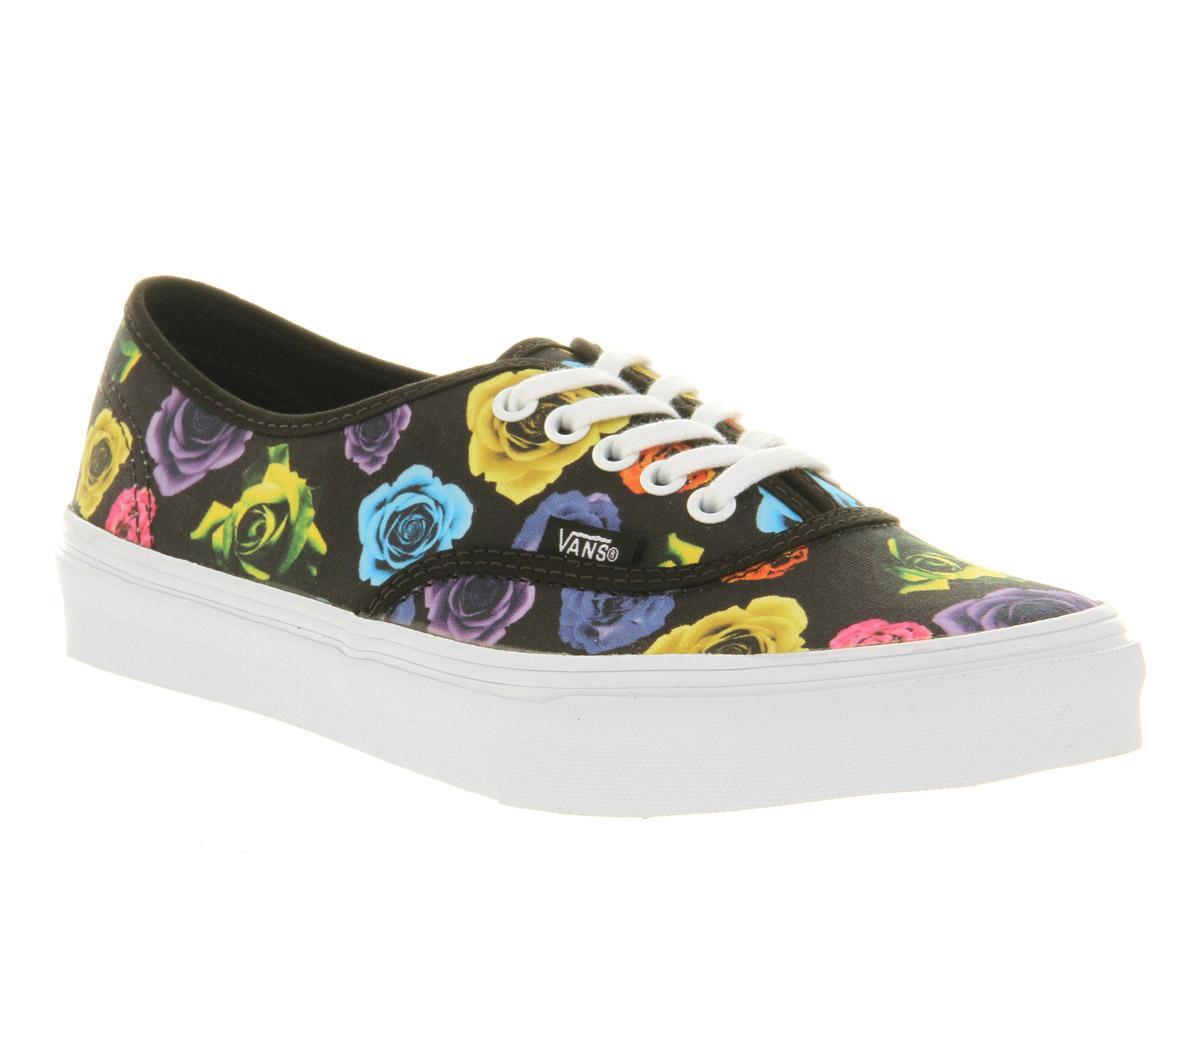 Vans-Authentic-Slim-Rose-Black-Trainers-Shoes